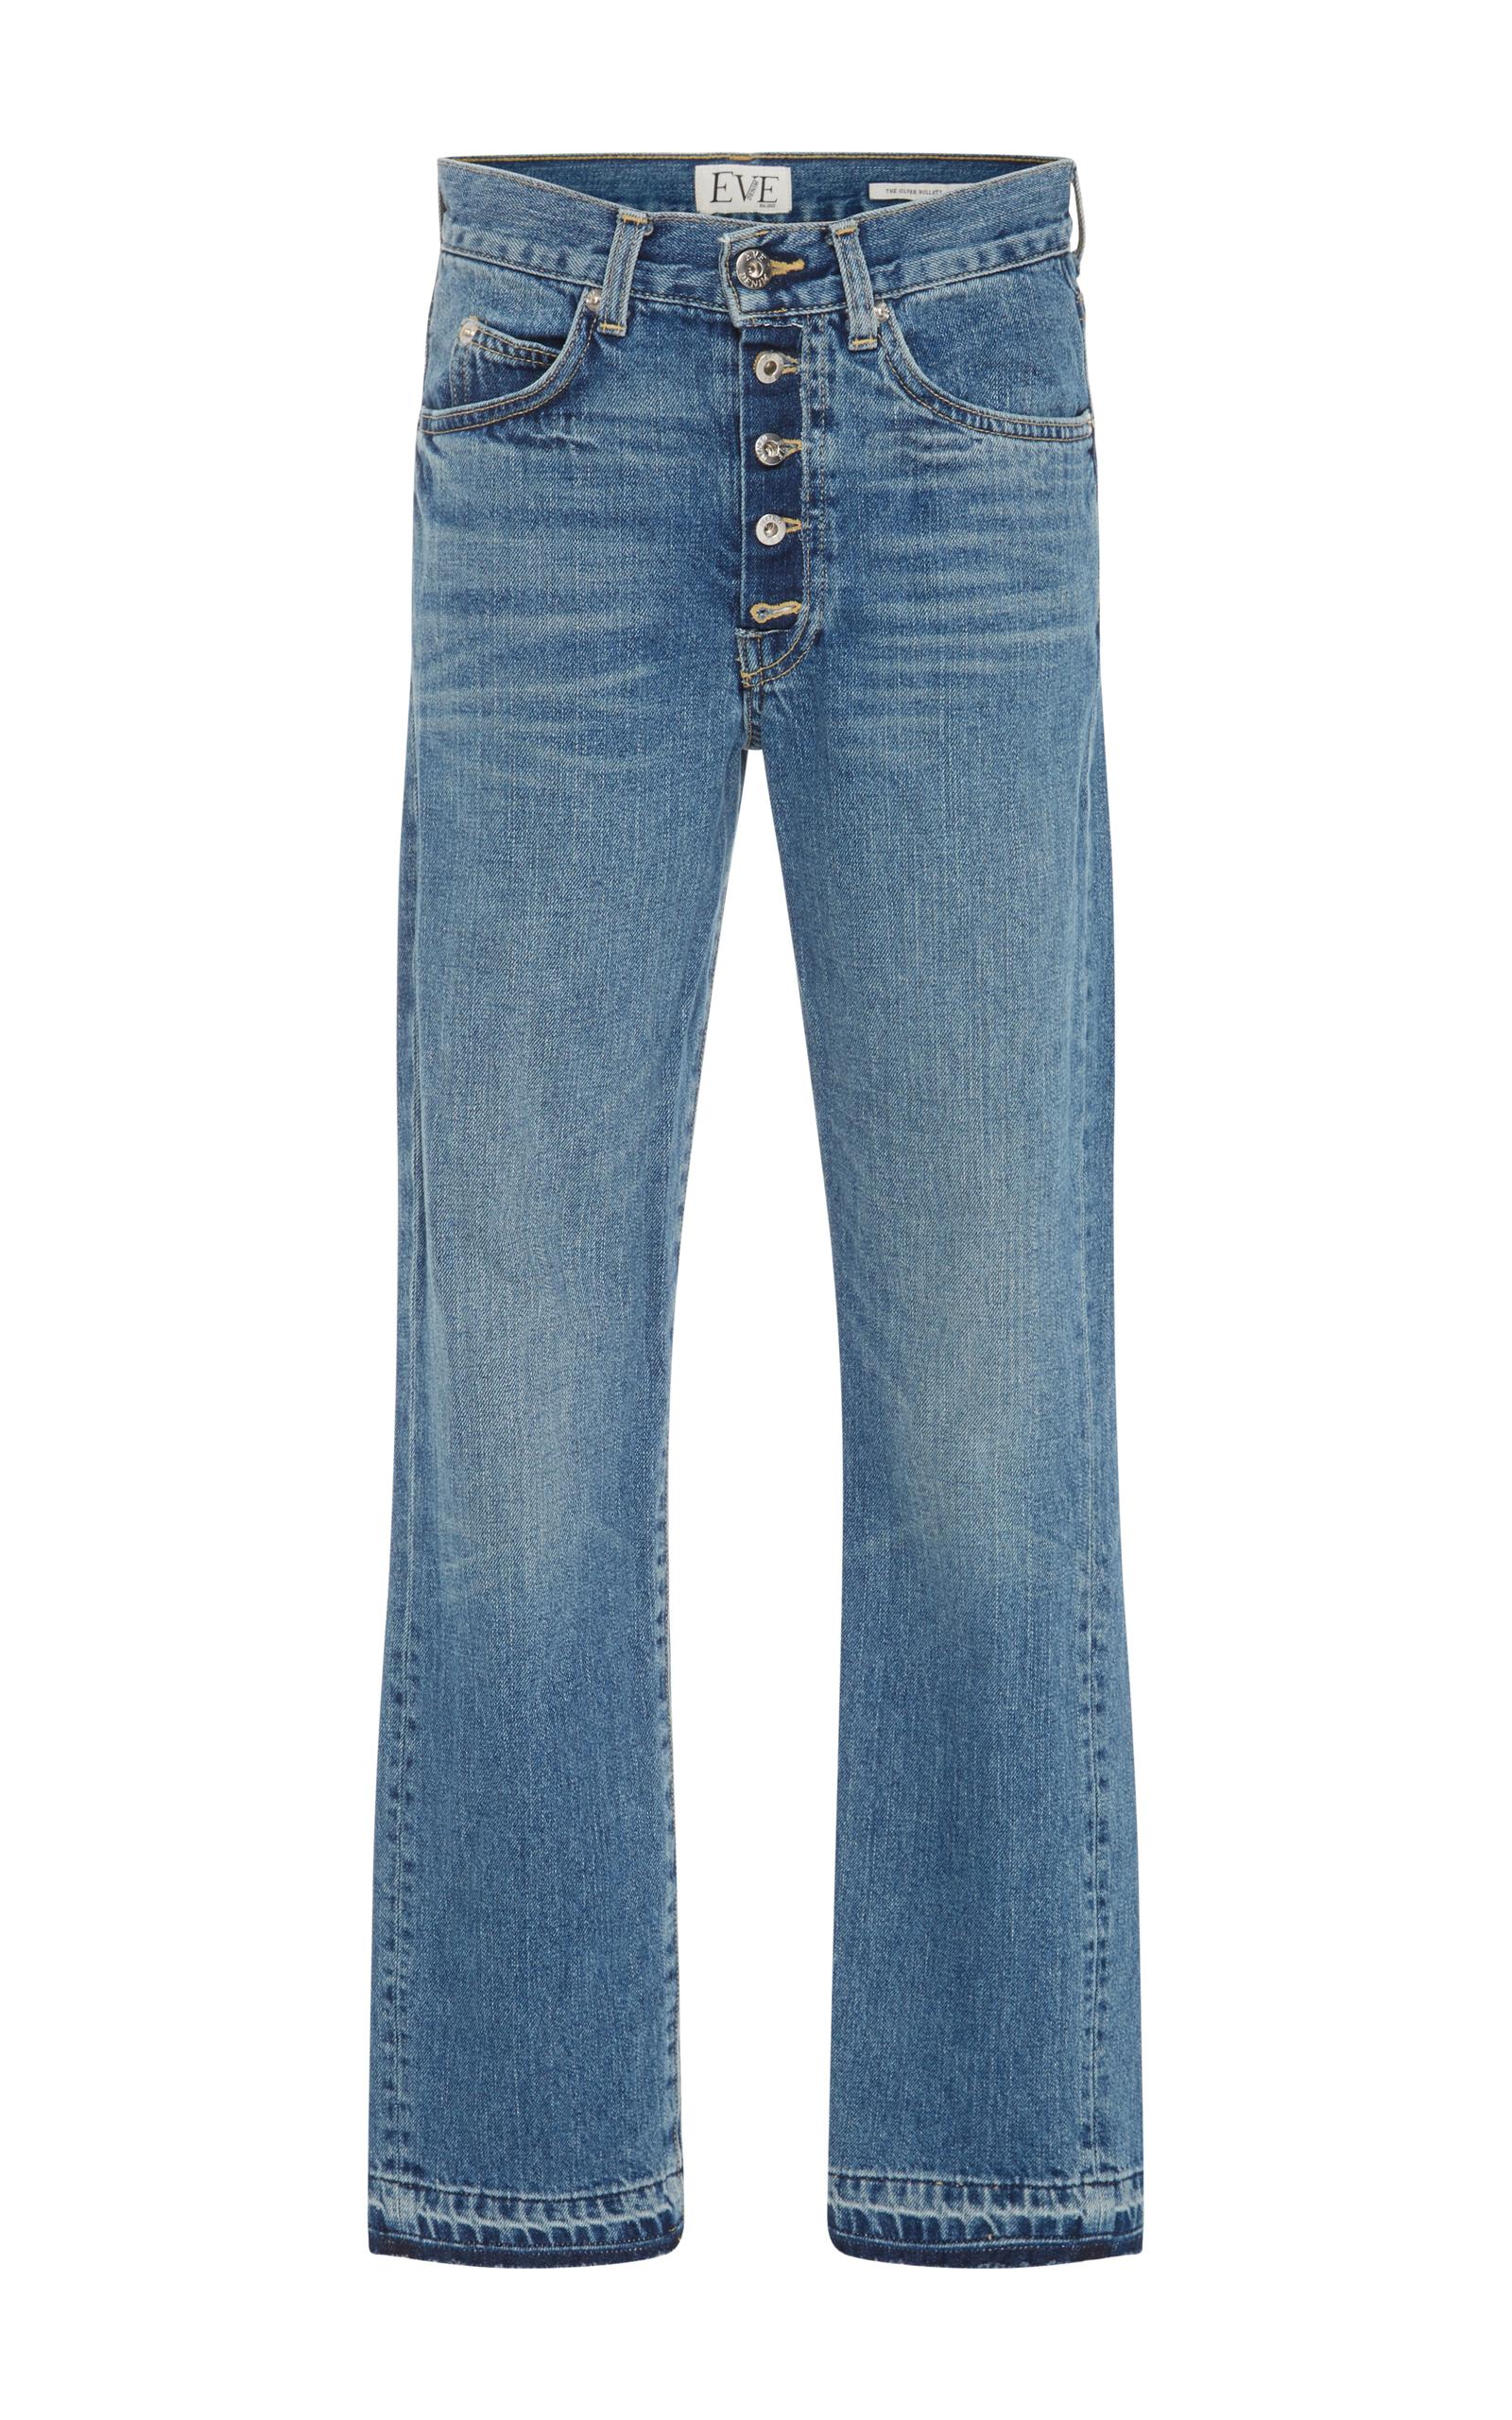 Silver Bullet Mid-Rise Straight-Leg Jeans Eve Denim vmeVdy